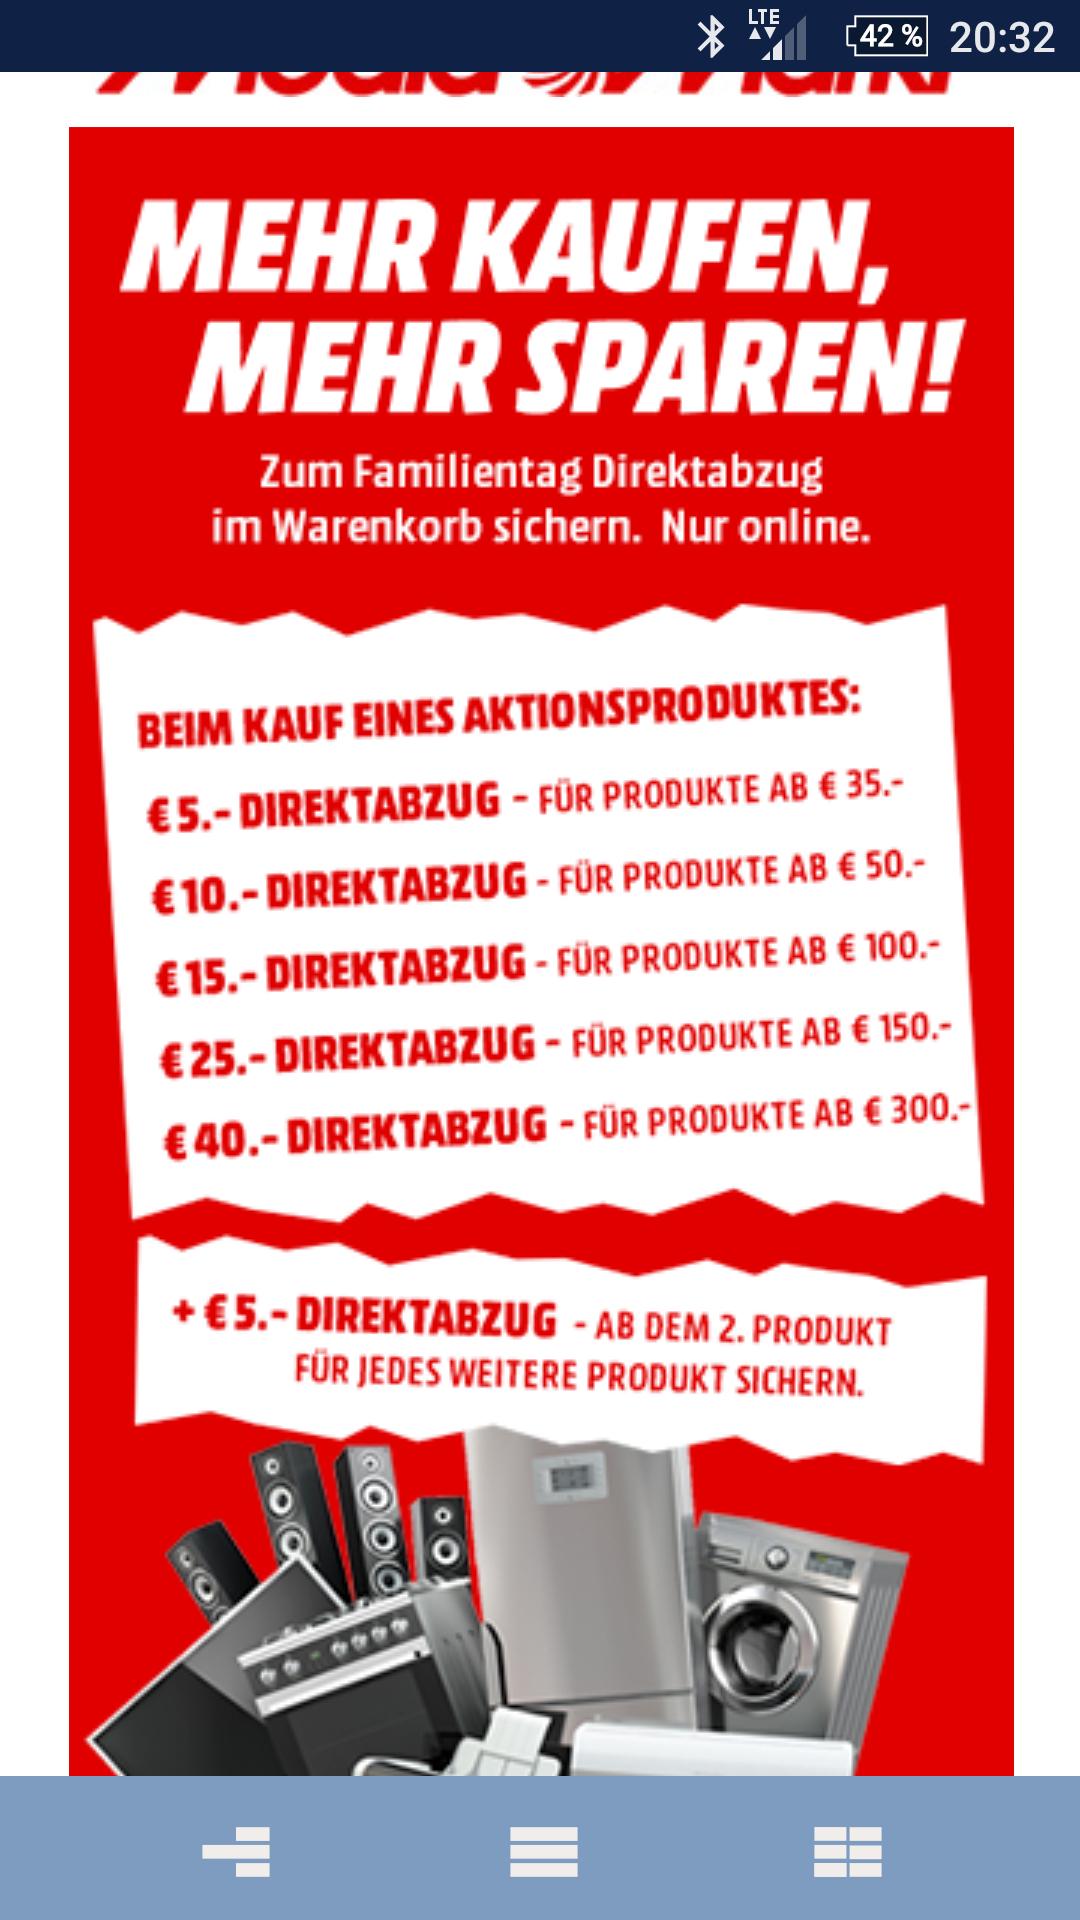 Mediamarkt Familientag Direktabzug 5-40€ auf Aktionprodukte